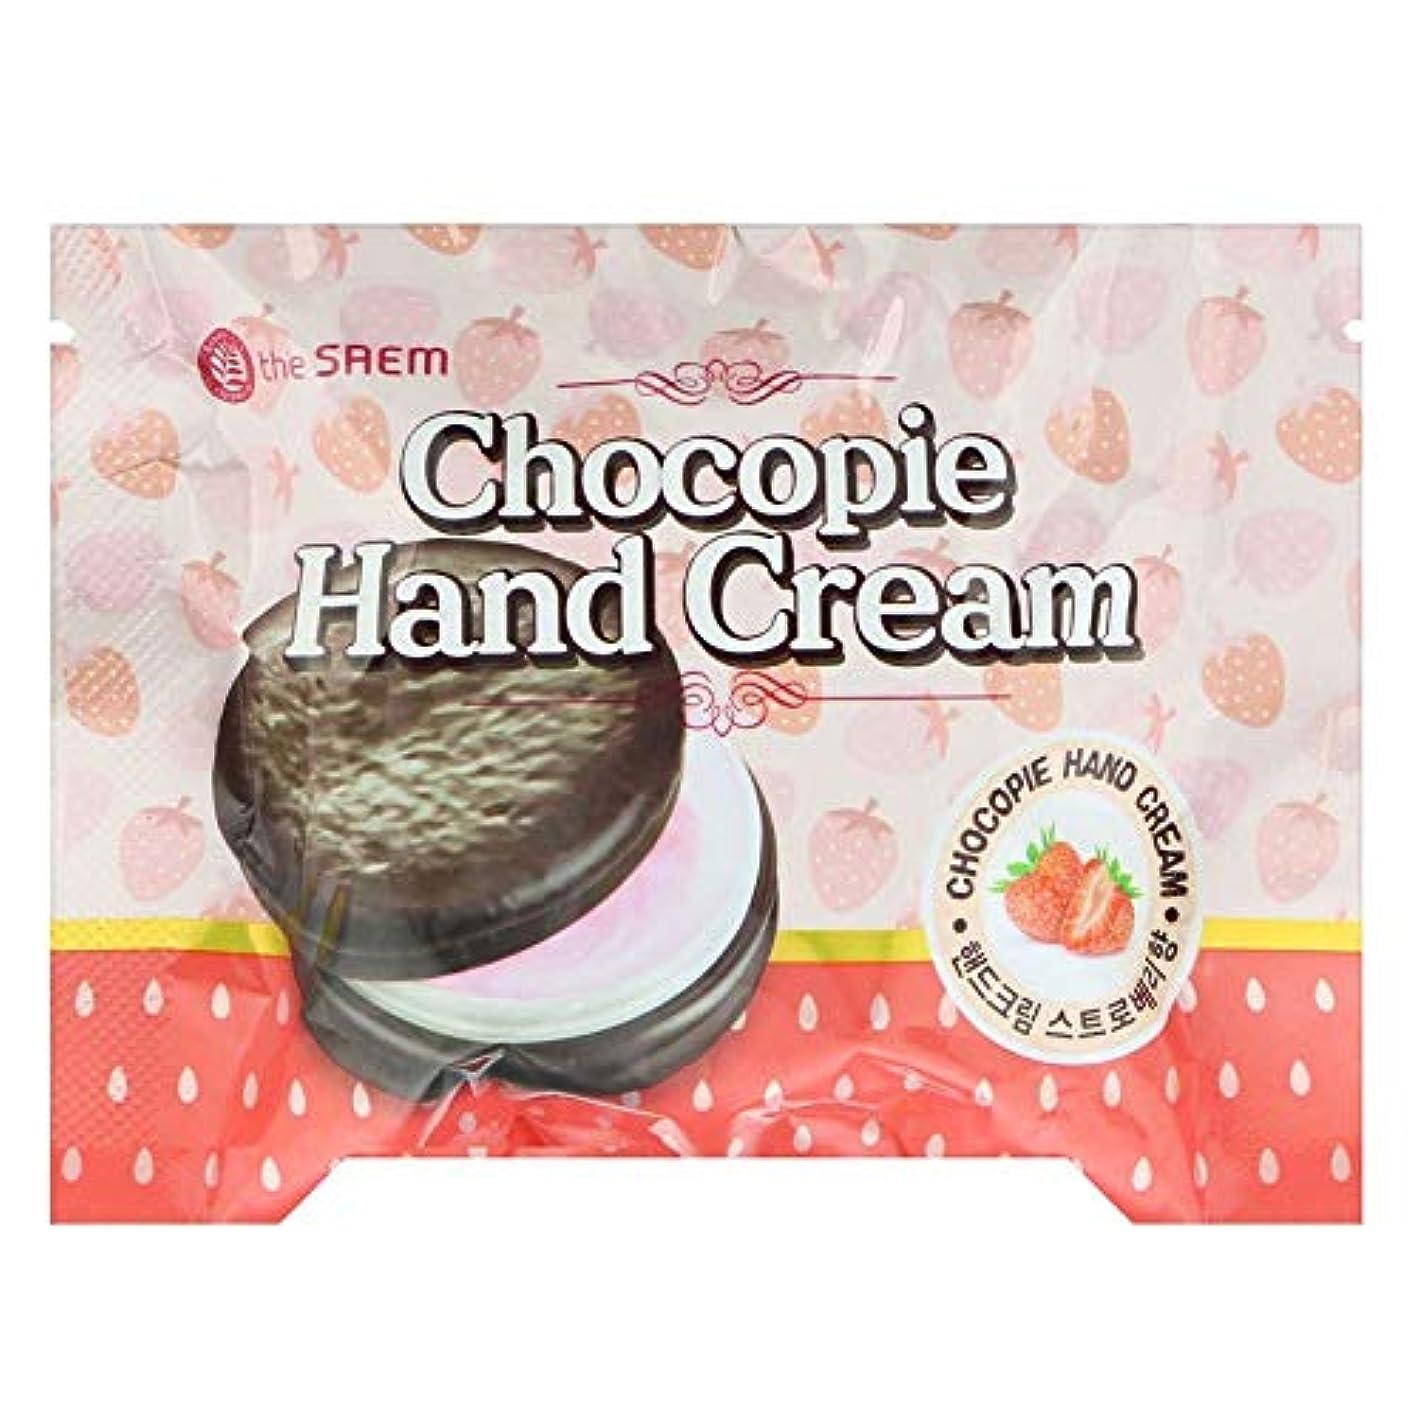 横に成分リングバック【the SAEM】ザセム チョコパイ ハンドクリーム[ストロベリー] CHOCOPIE HAND CREAM 35ml 韓国コスメ ザセム ハンドクリーム